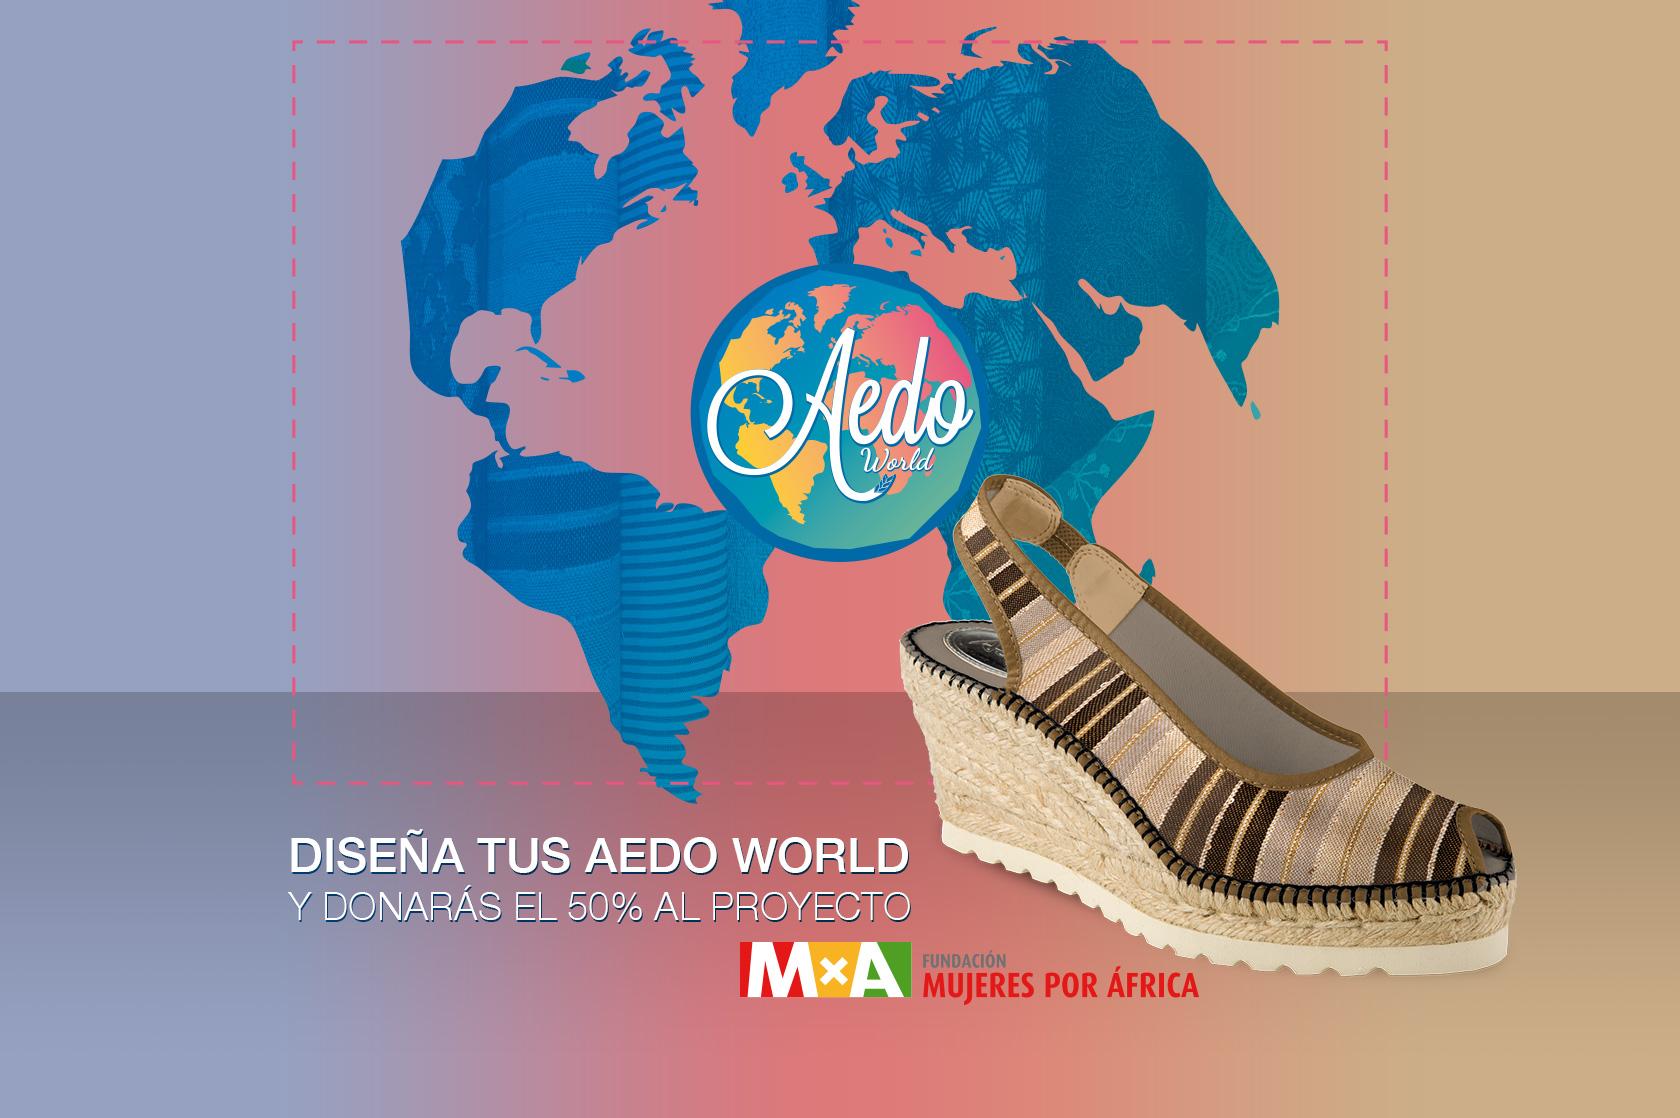 """Aedo Espadrilles y """"Aedo World"""", un proyecto en el que autenticidad, moda y compromiso van de la mano"""